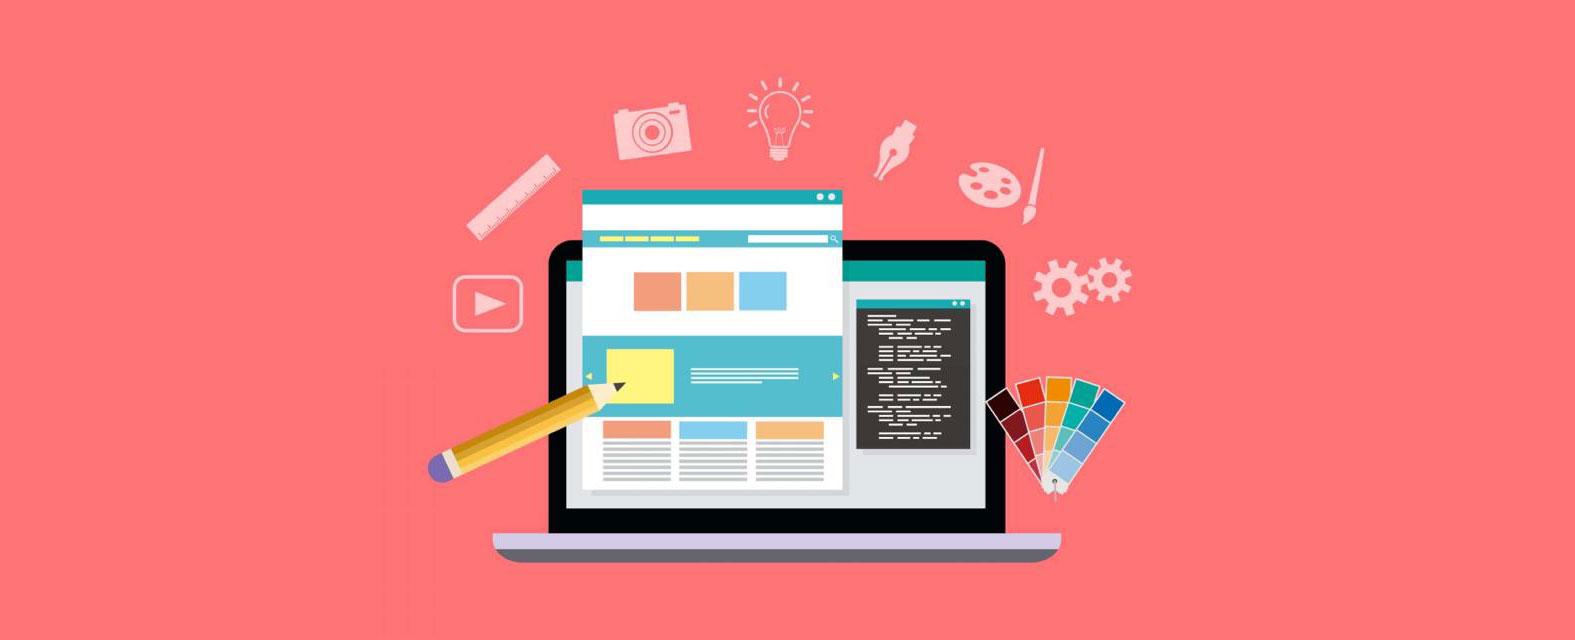 طراحی وایرفریم سایت چیست؟